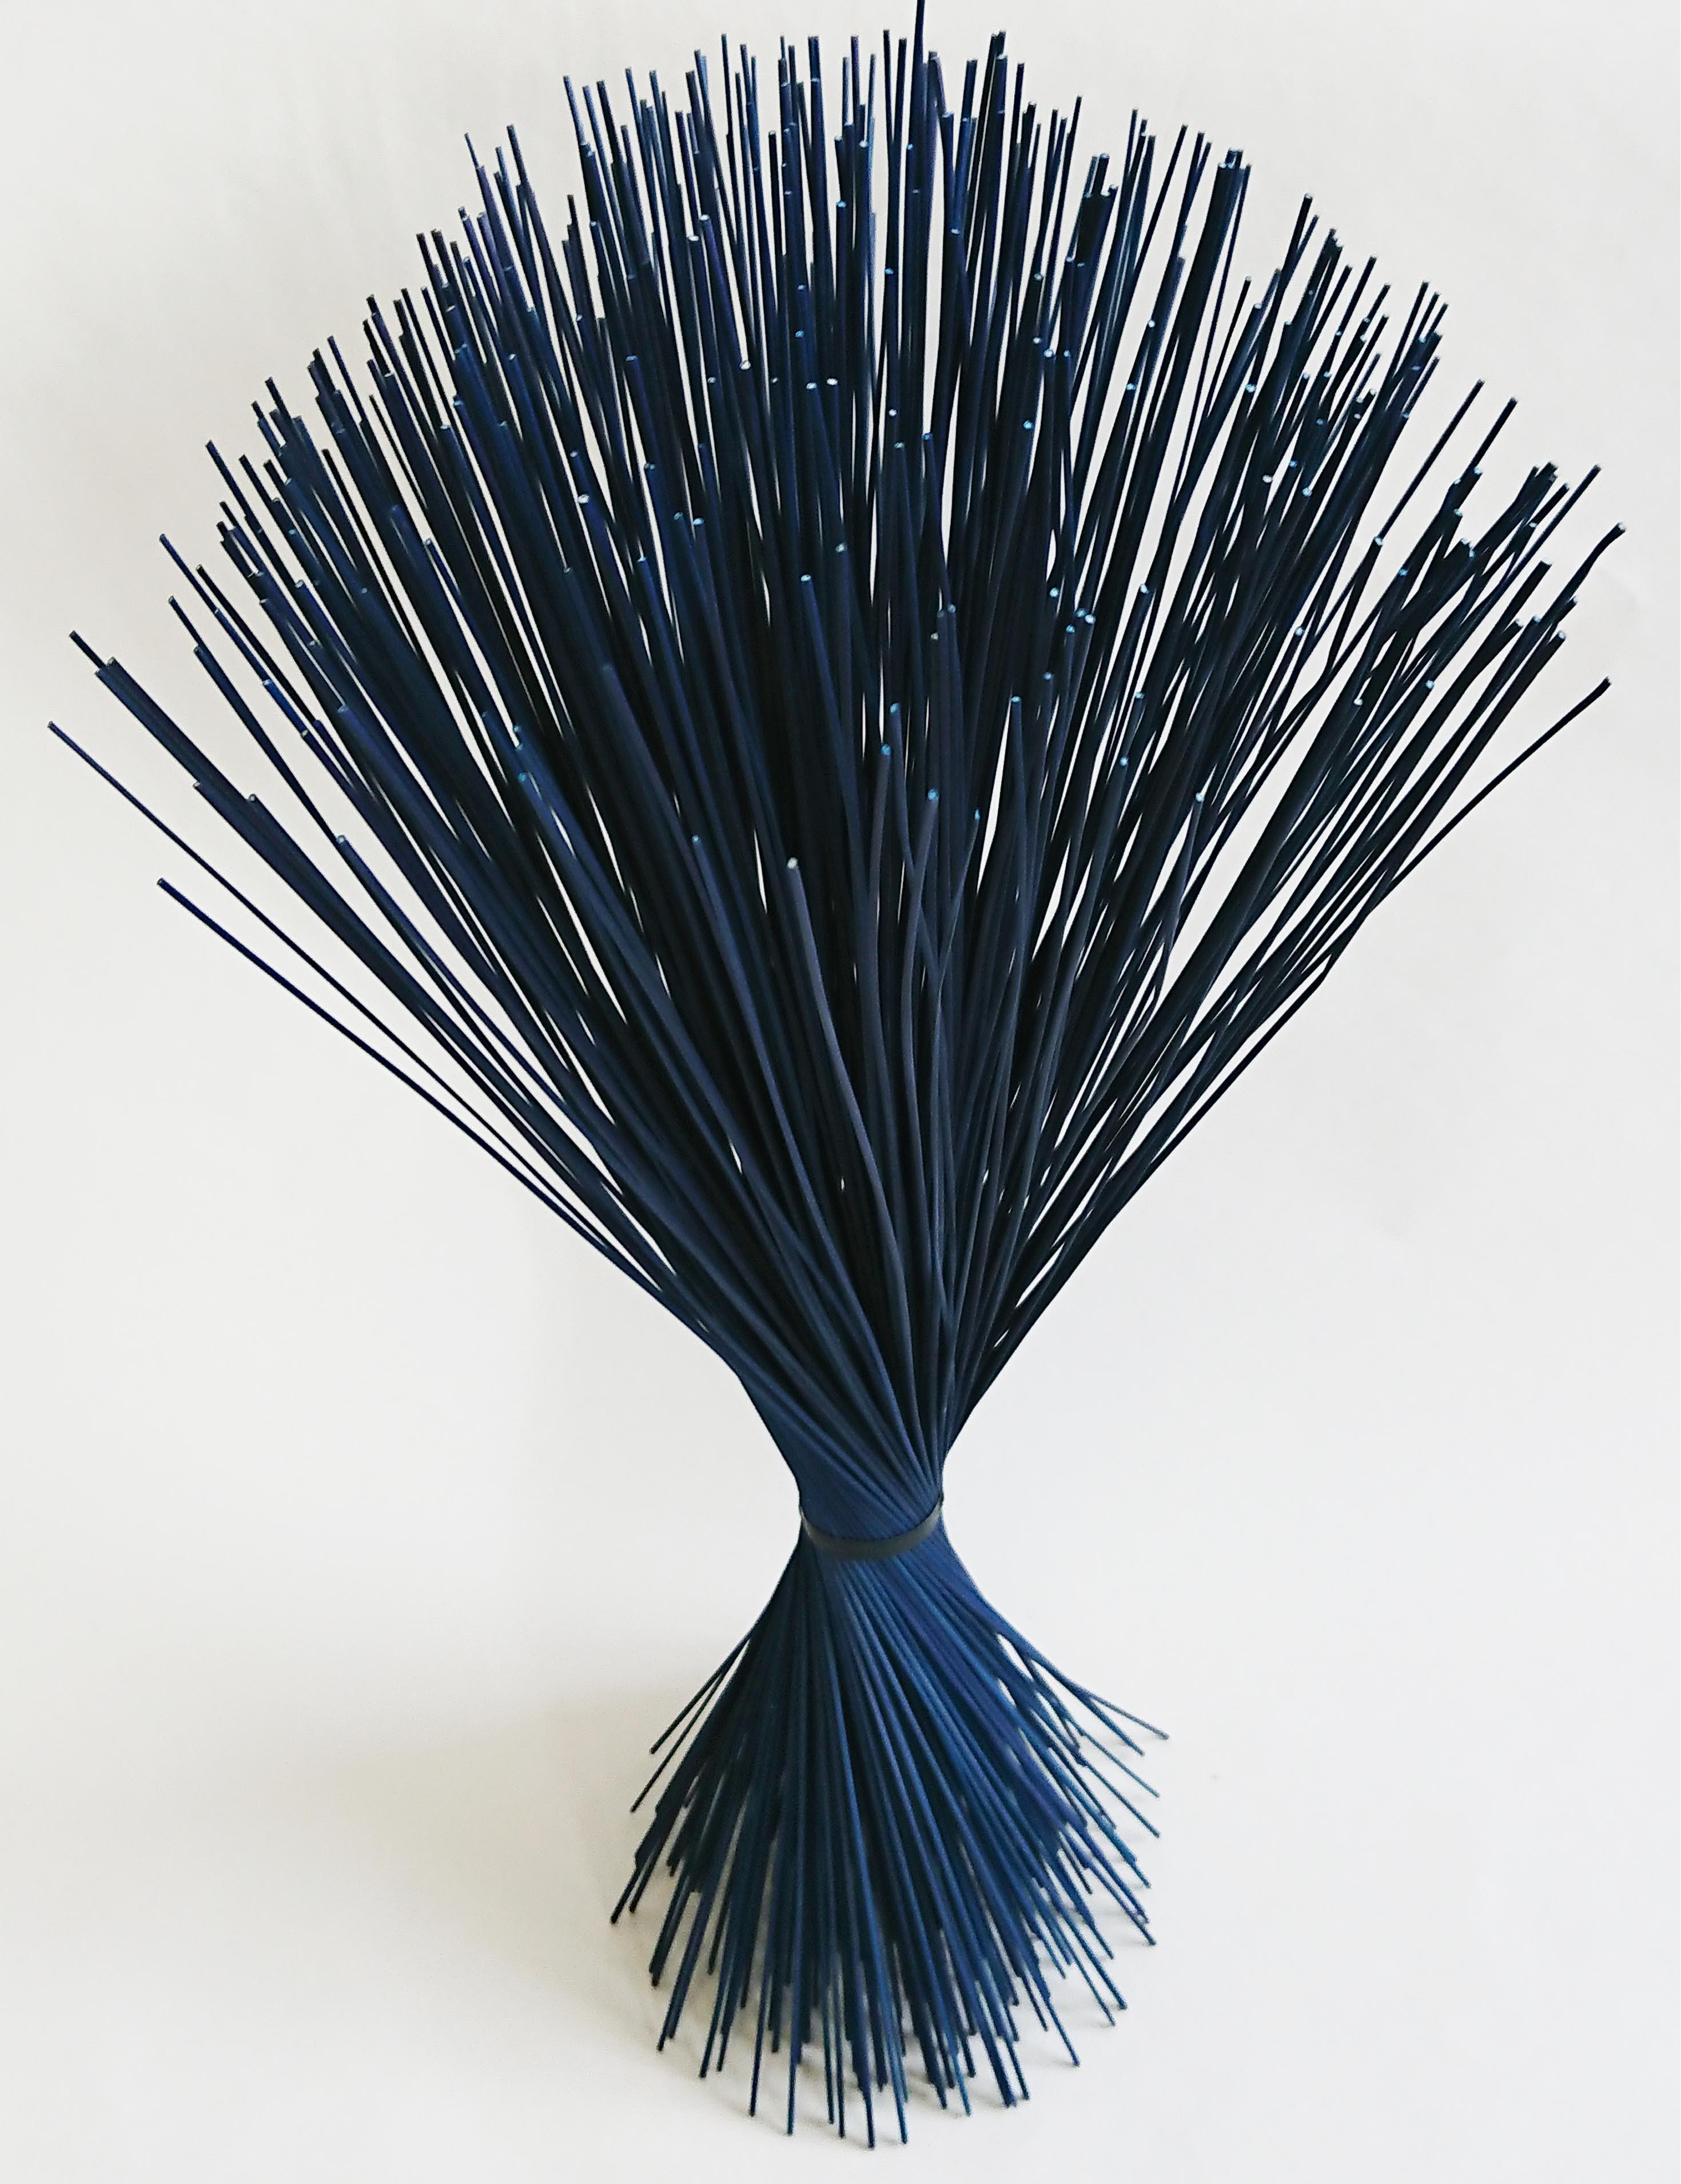 【イ草フラワー ダークブルー】Rush Grass Flower Dark Blue 35cm